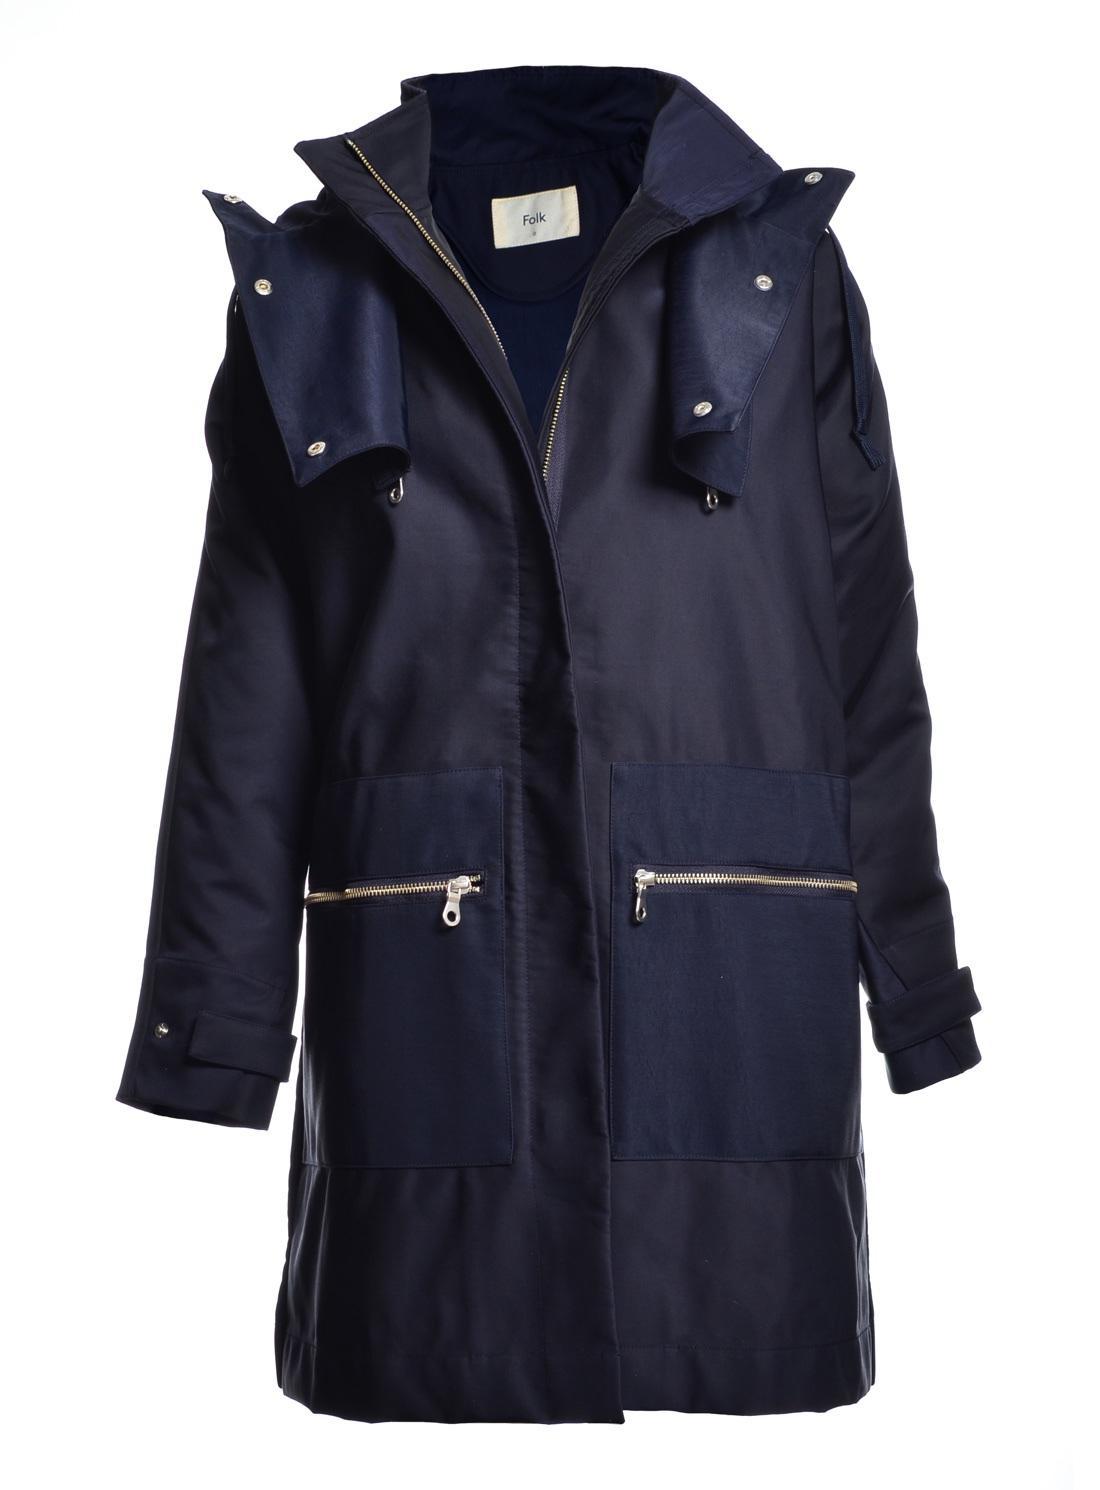 Folk Cirrus Navy Blue Raincoat in Blue | Lyst